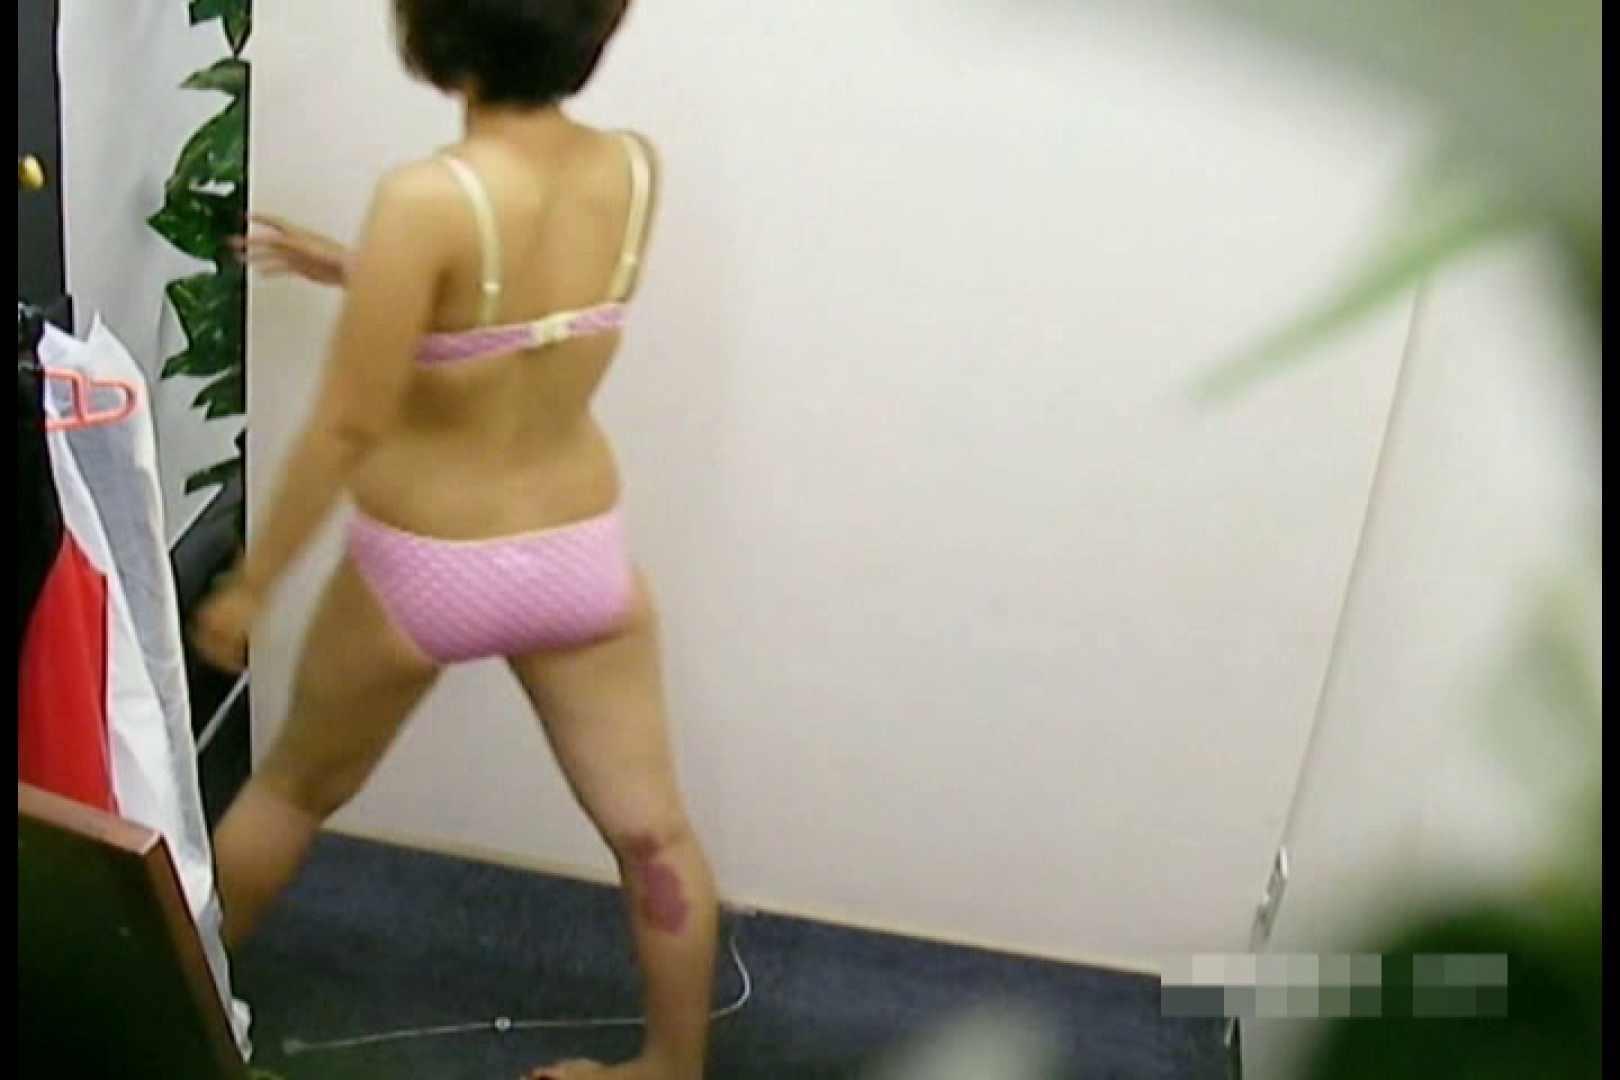 素人撮影 下着だけの撮影のはずが・・・エミちゃん18歳 盗撮   ギャル達のオマンコ  55画像 39